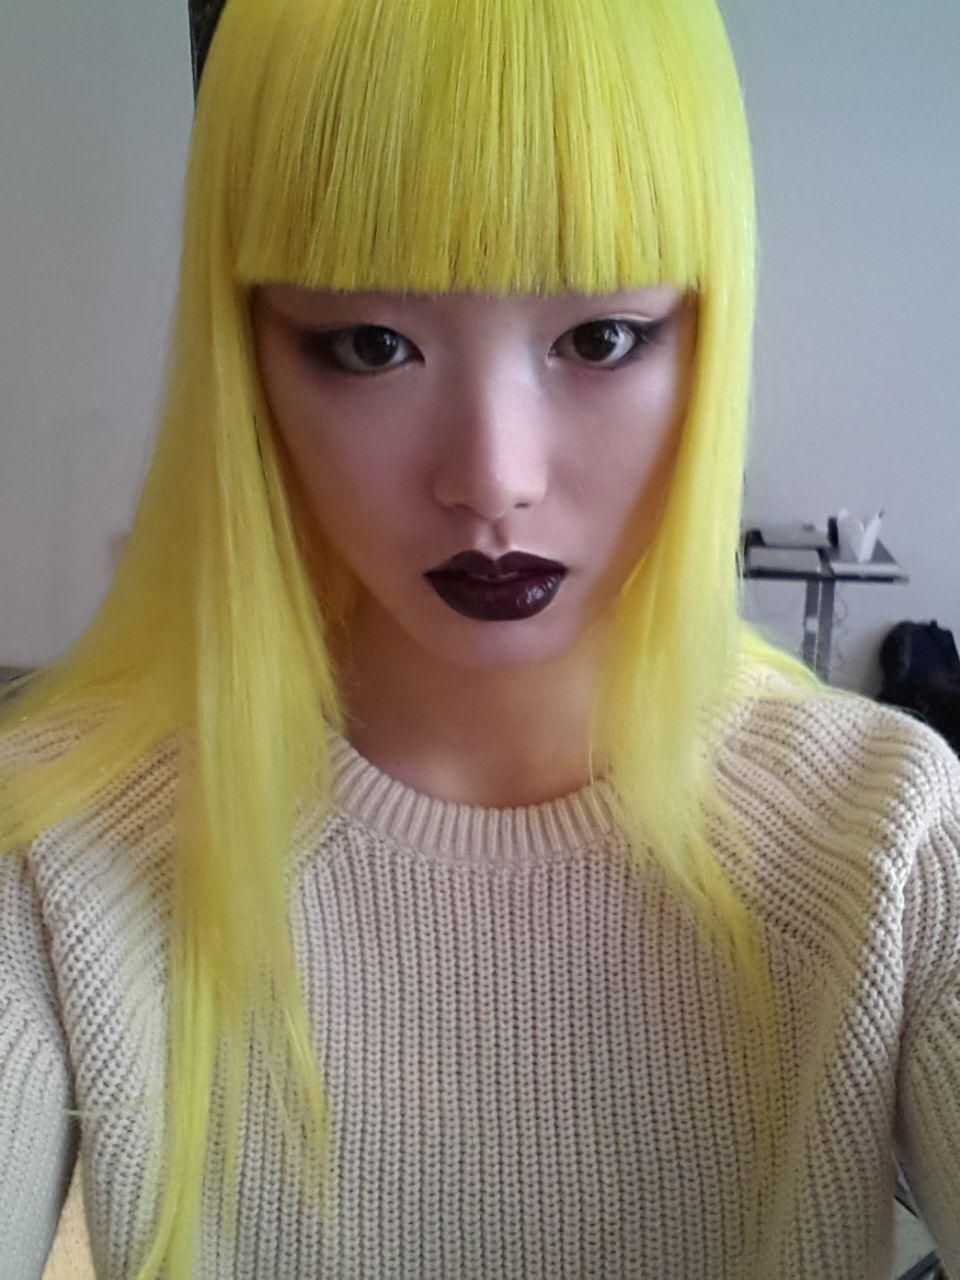 skullvomit whoa blond & yellow